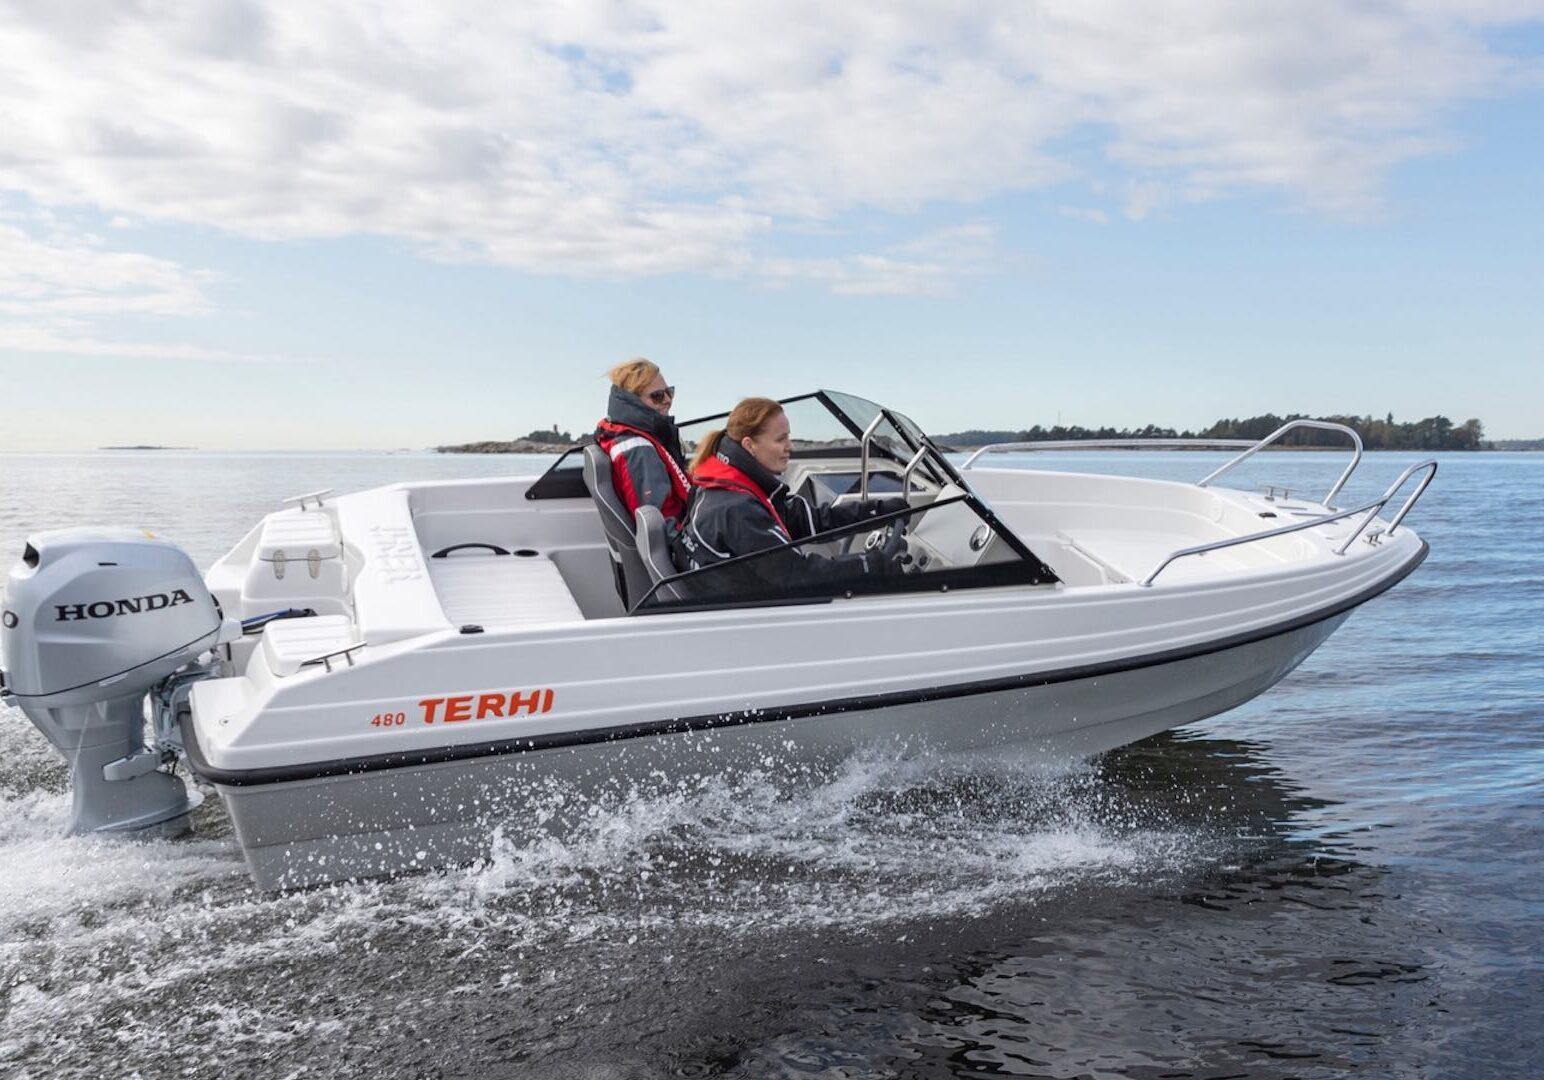 terhi-480-sport